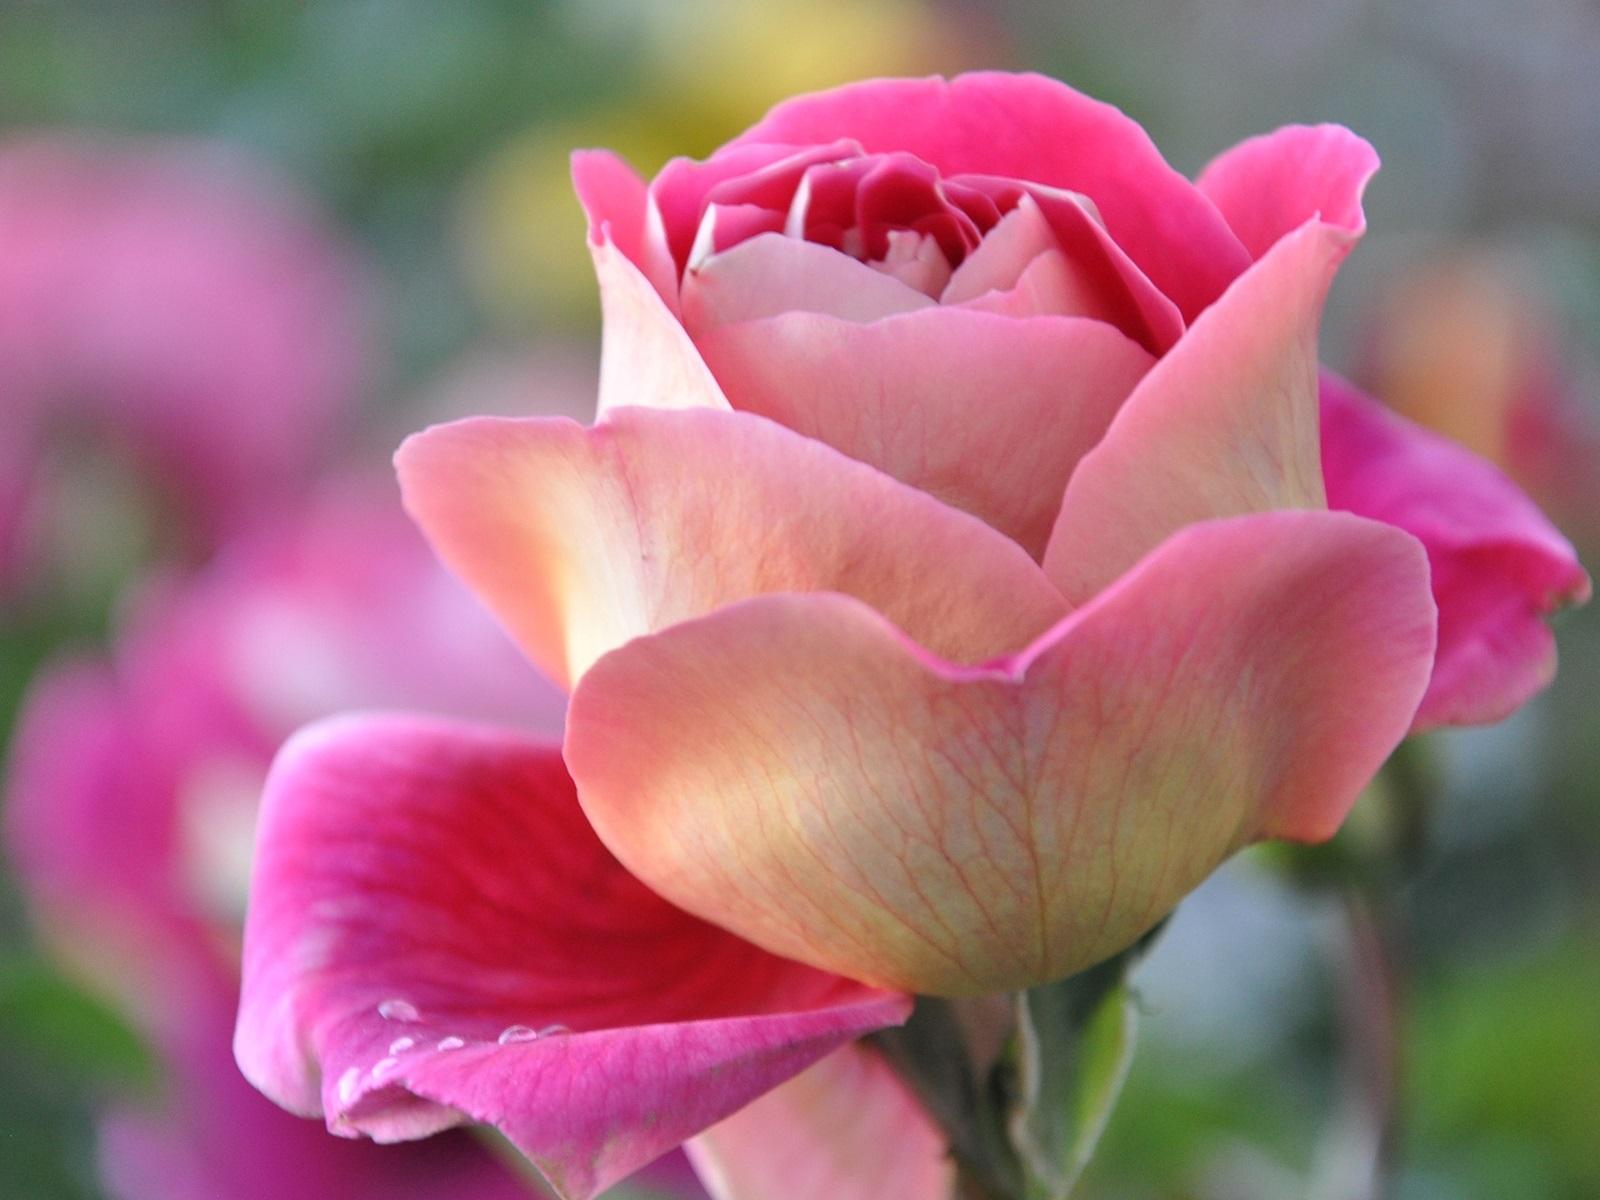 армянской фото розы крупным планом в хорошем качестве друзья всегда будут